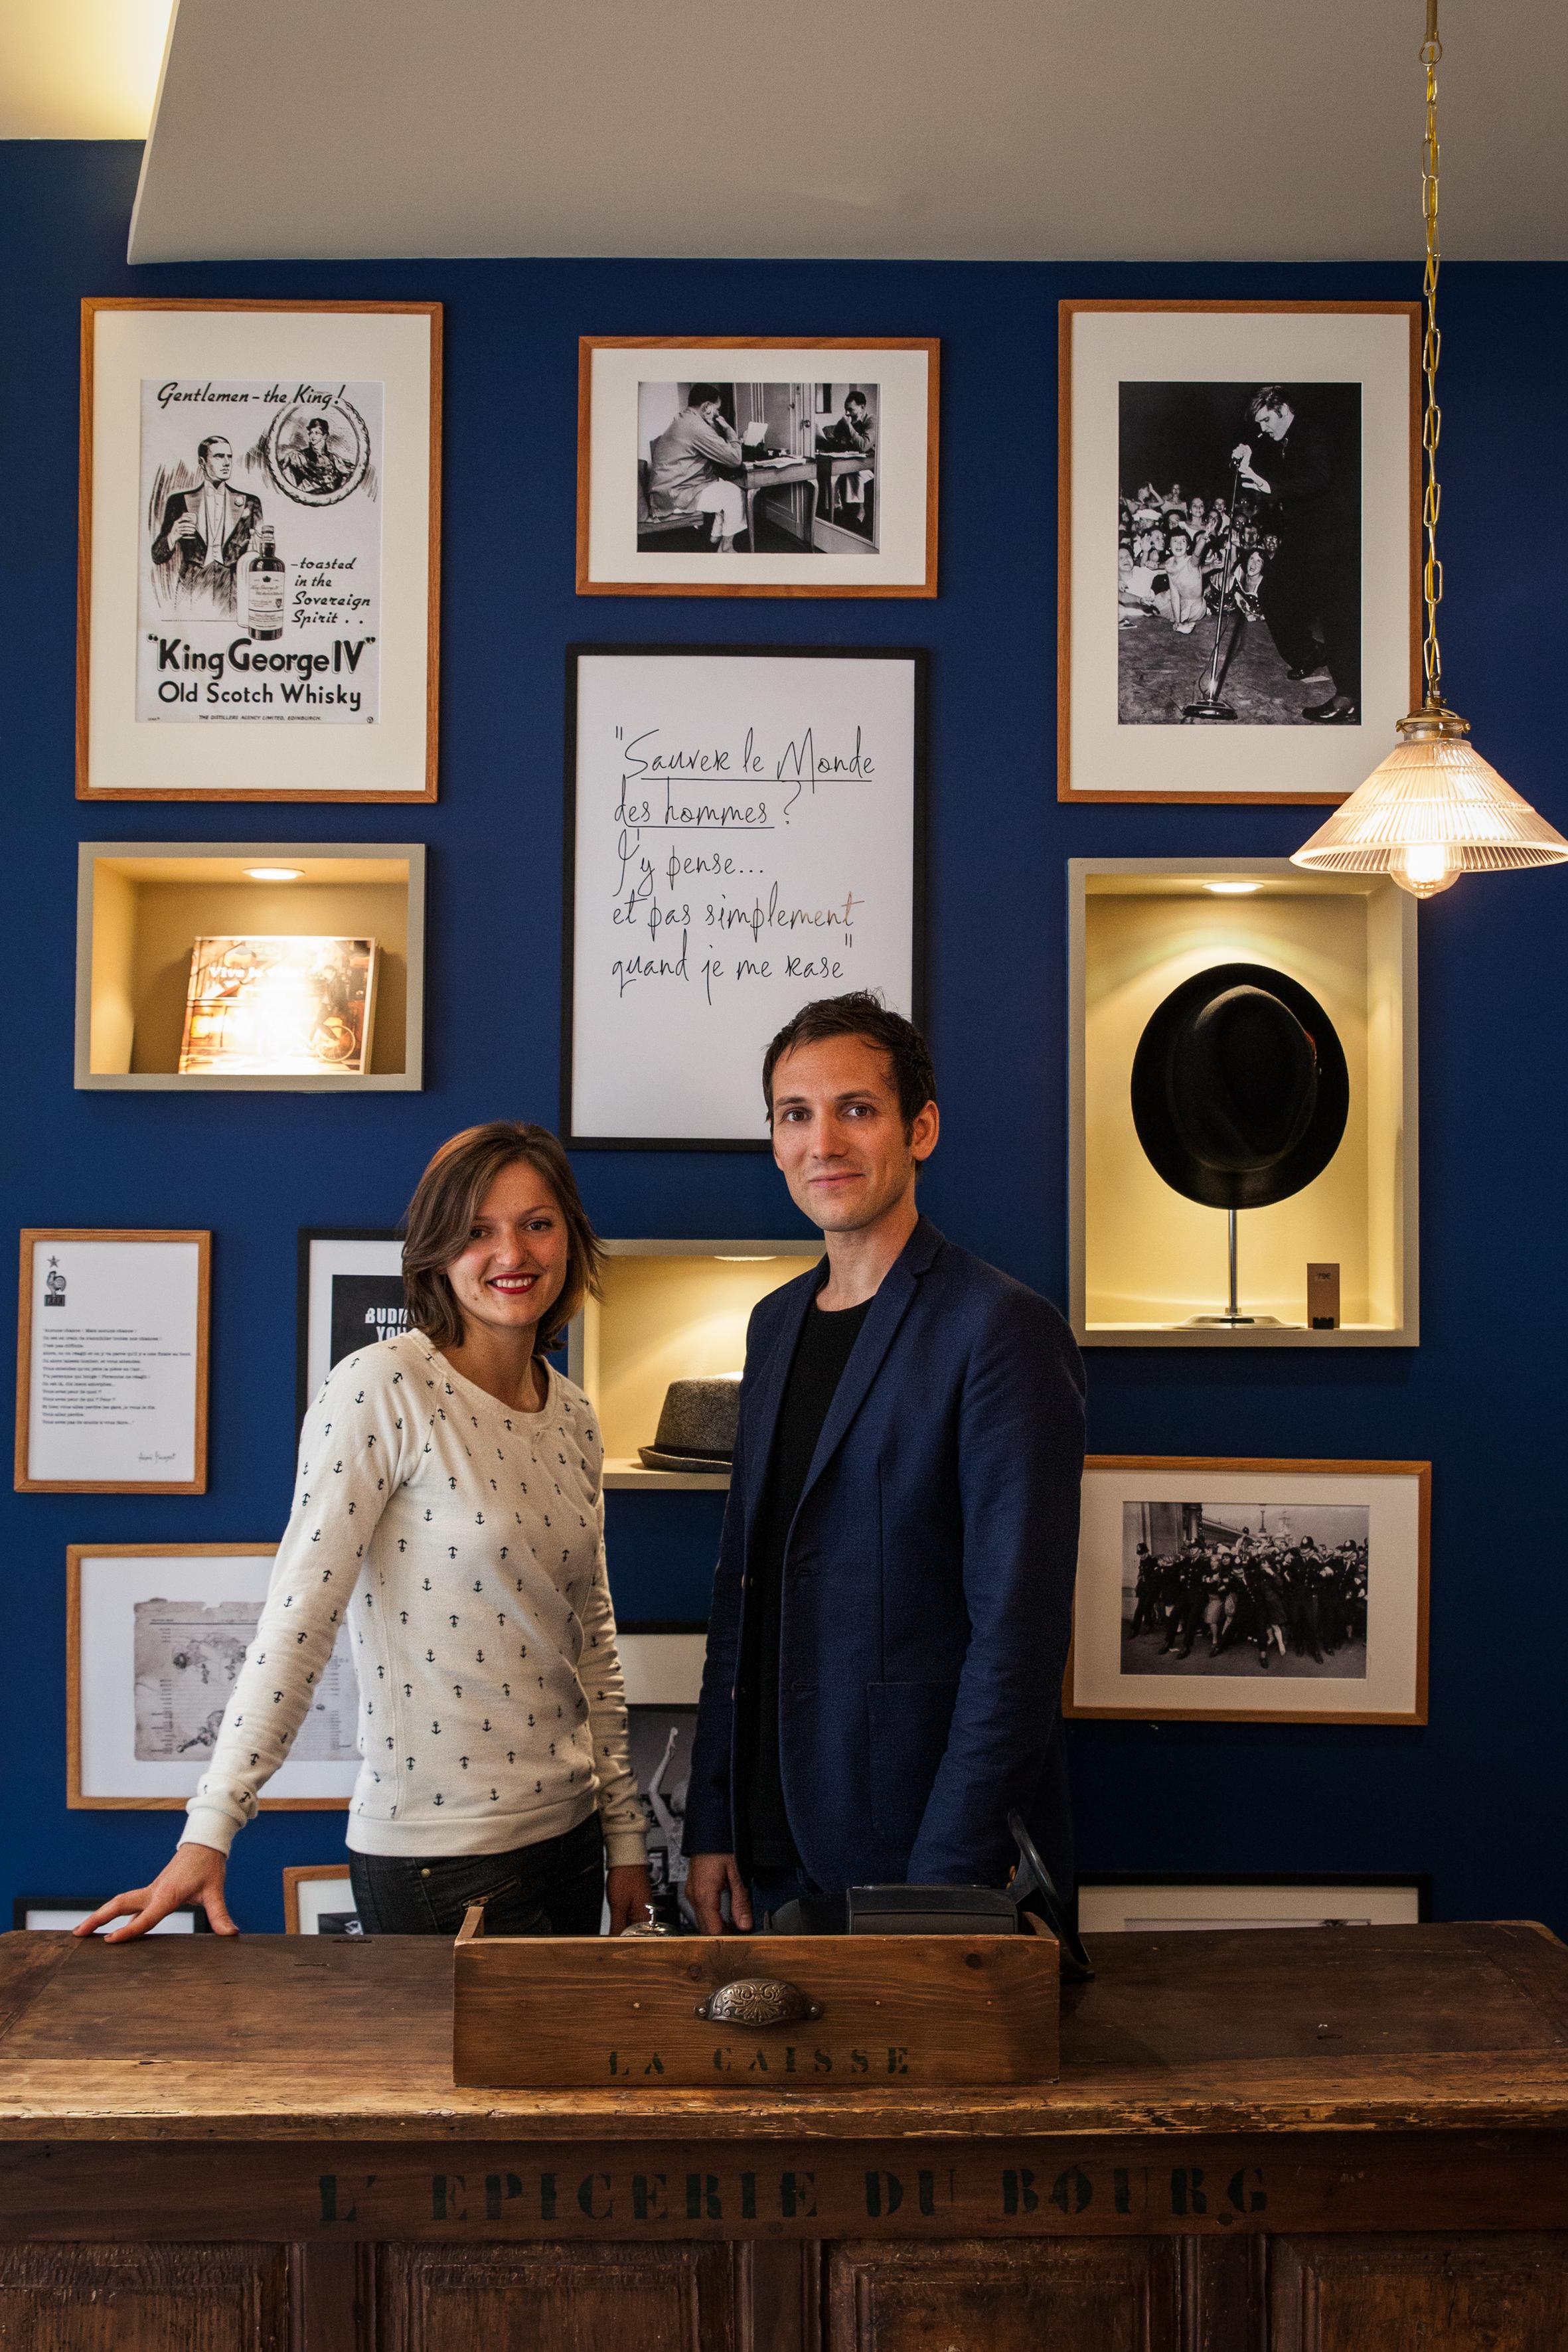 Pierre Moreau et Alexandra Mulliez fondateurs de Sauver le monde des hommes